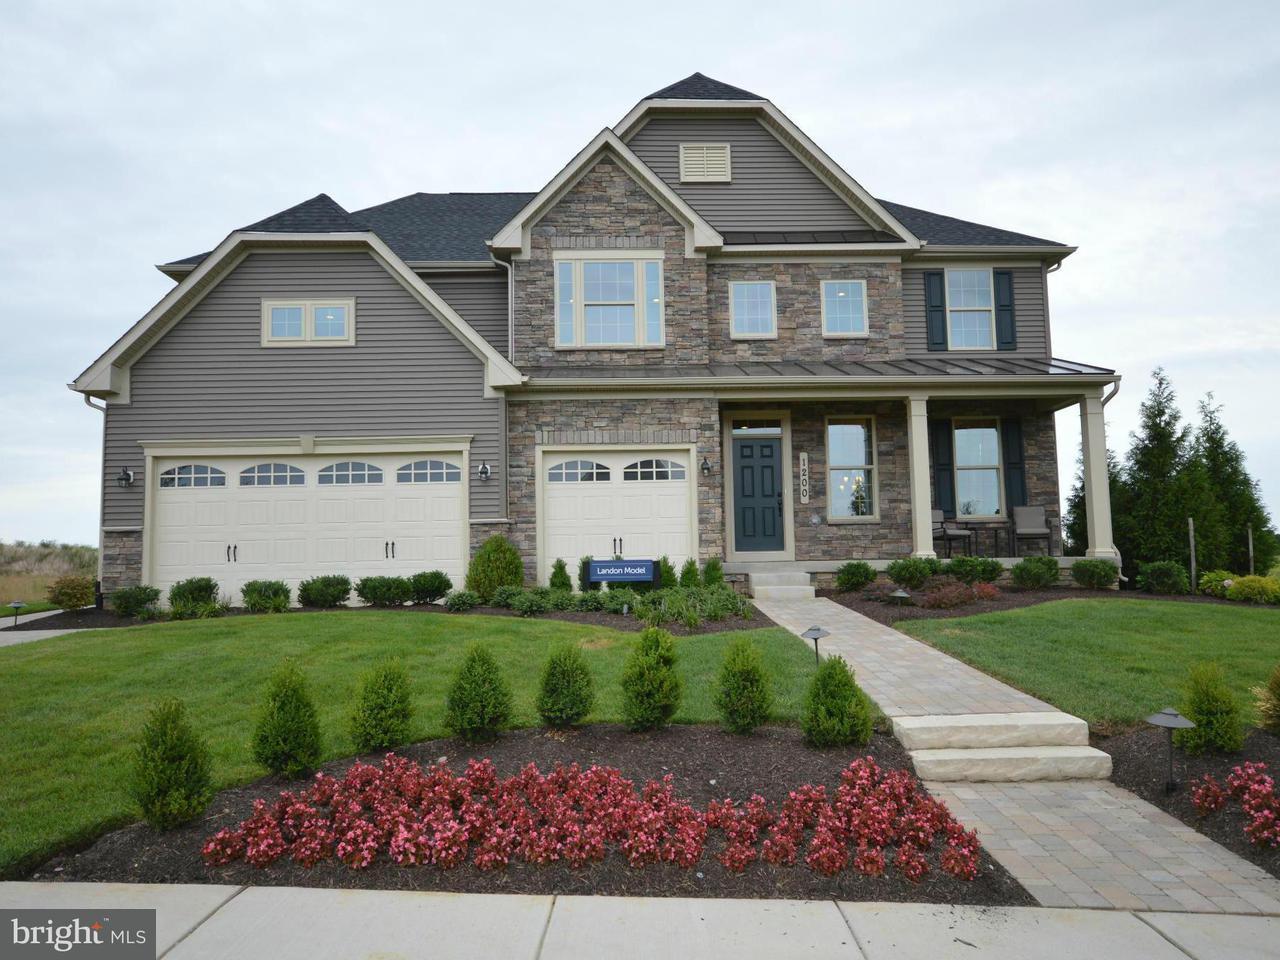 Частный односемейный дом для того Продажа на 1240 TIDE LOCK Street 1240 TIDE LOCK Street Brunswick, Мэриленд 21716 Соединенные Штаты